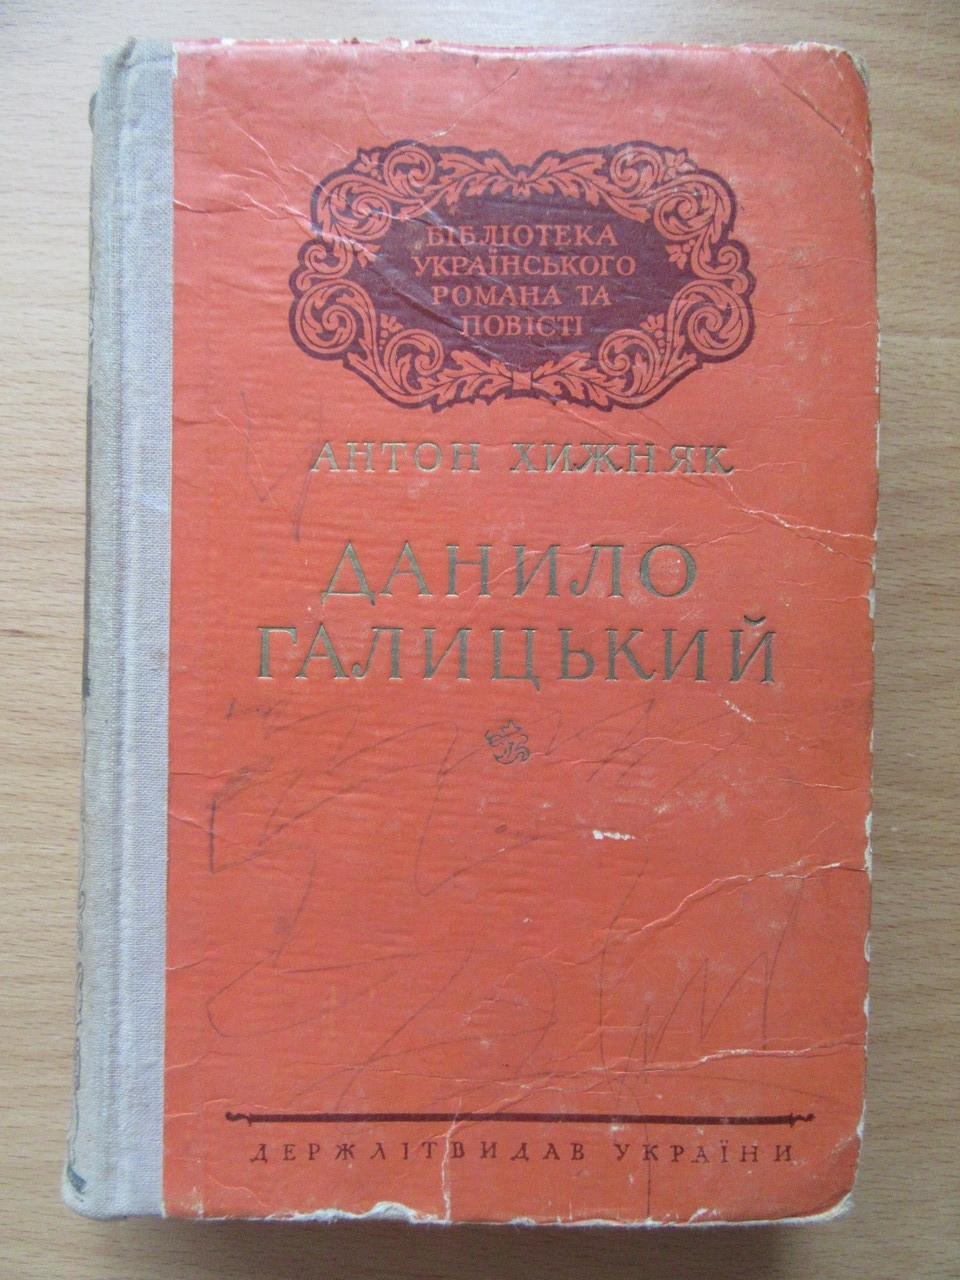 Антон Хижняк. Данило Галицький (на украинском языке). 1958г